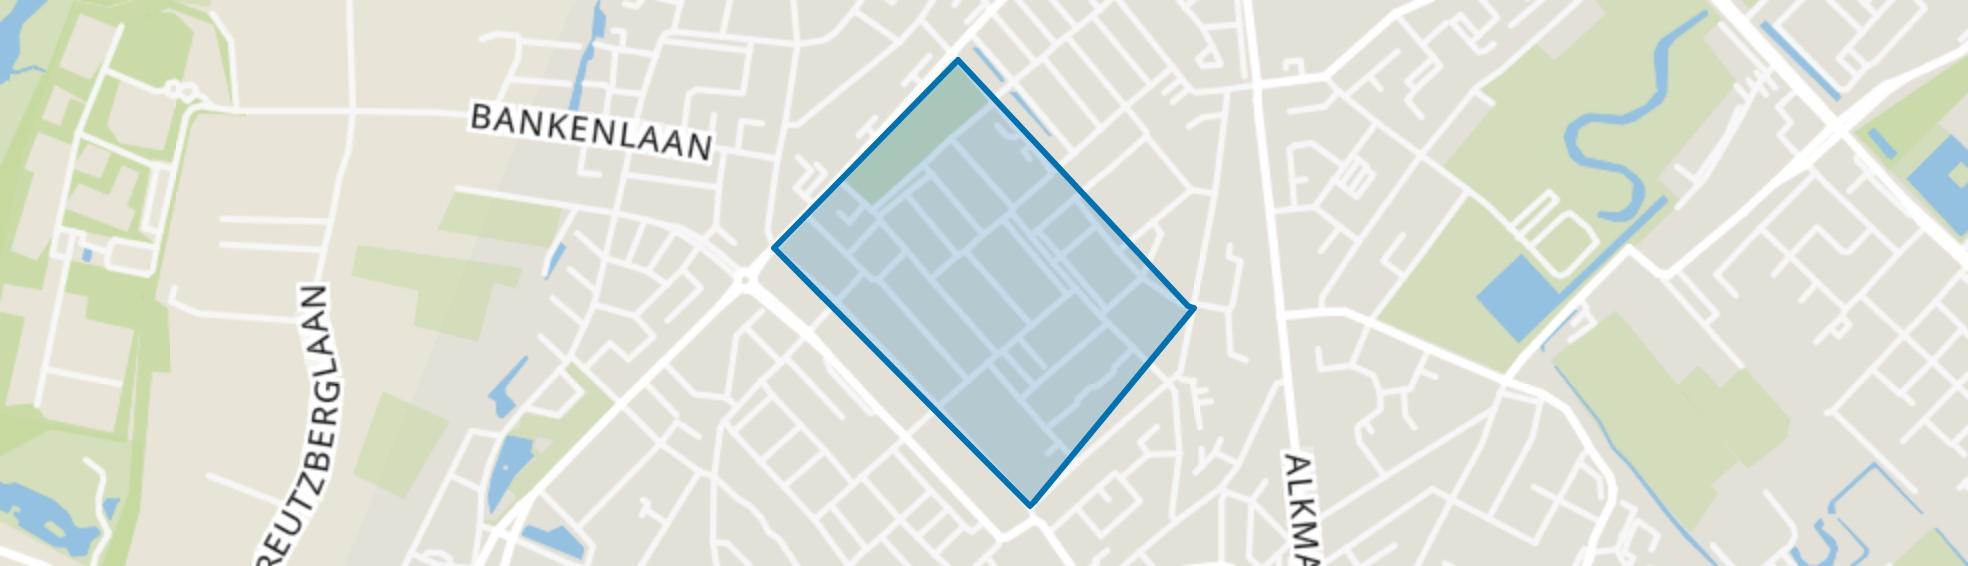 Oostertuinen, Beverwijk map